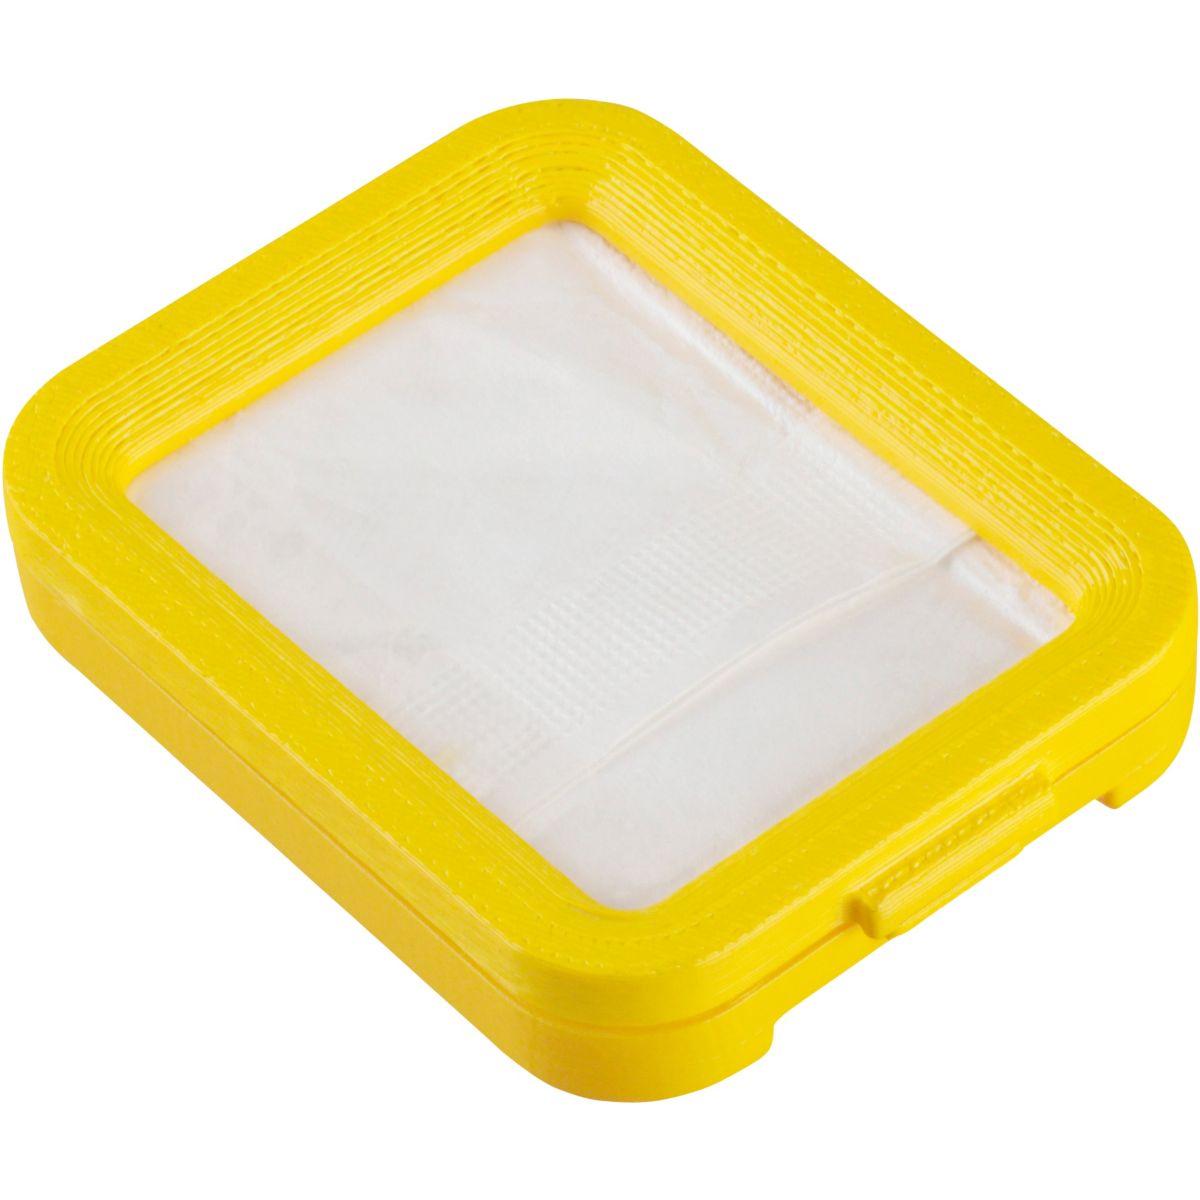 Parfum aspirateur BLACK ET DECKER FSM3LF capsules fraicheur citron